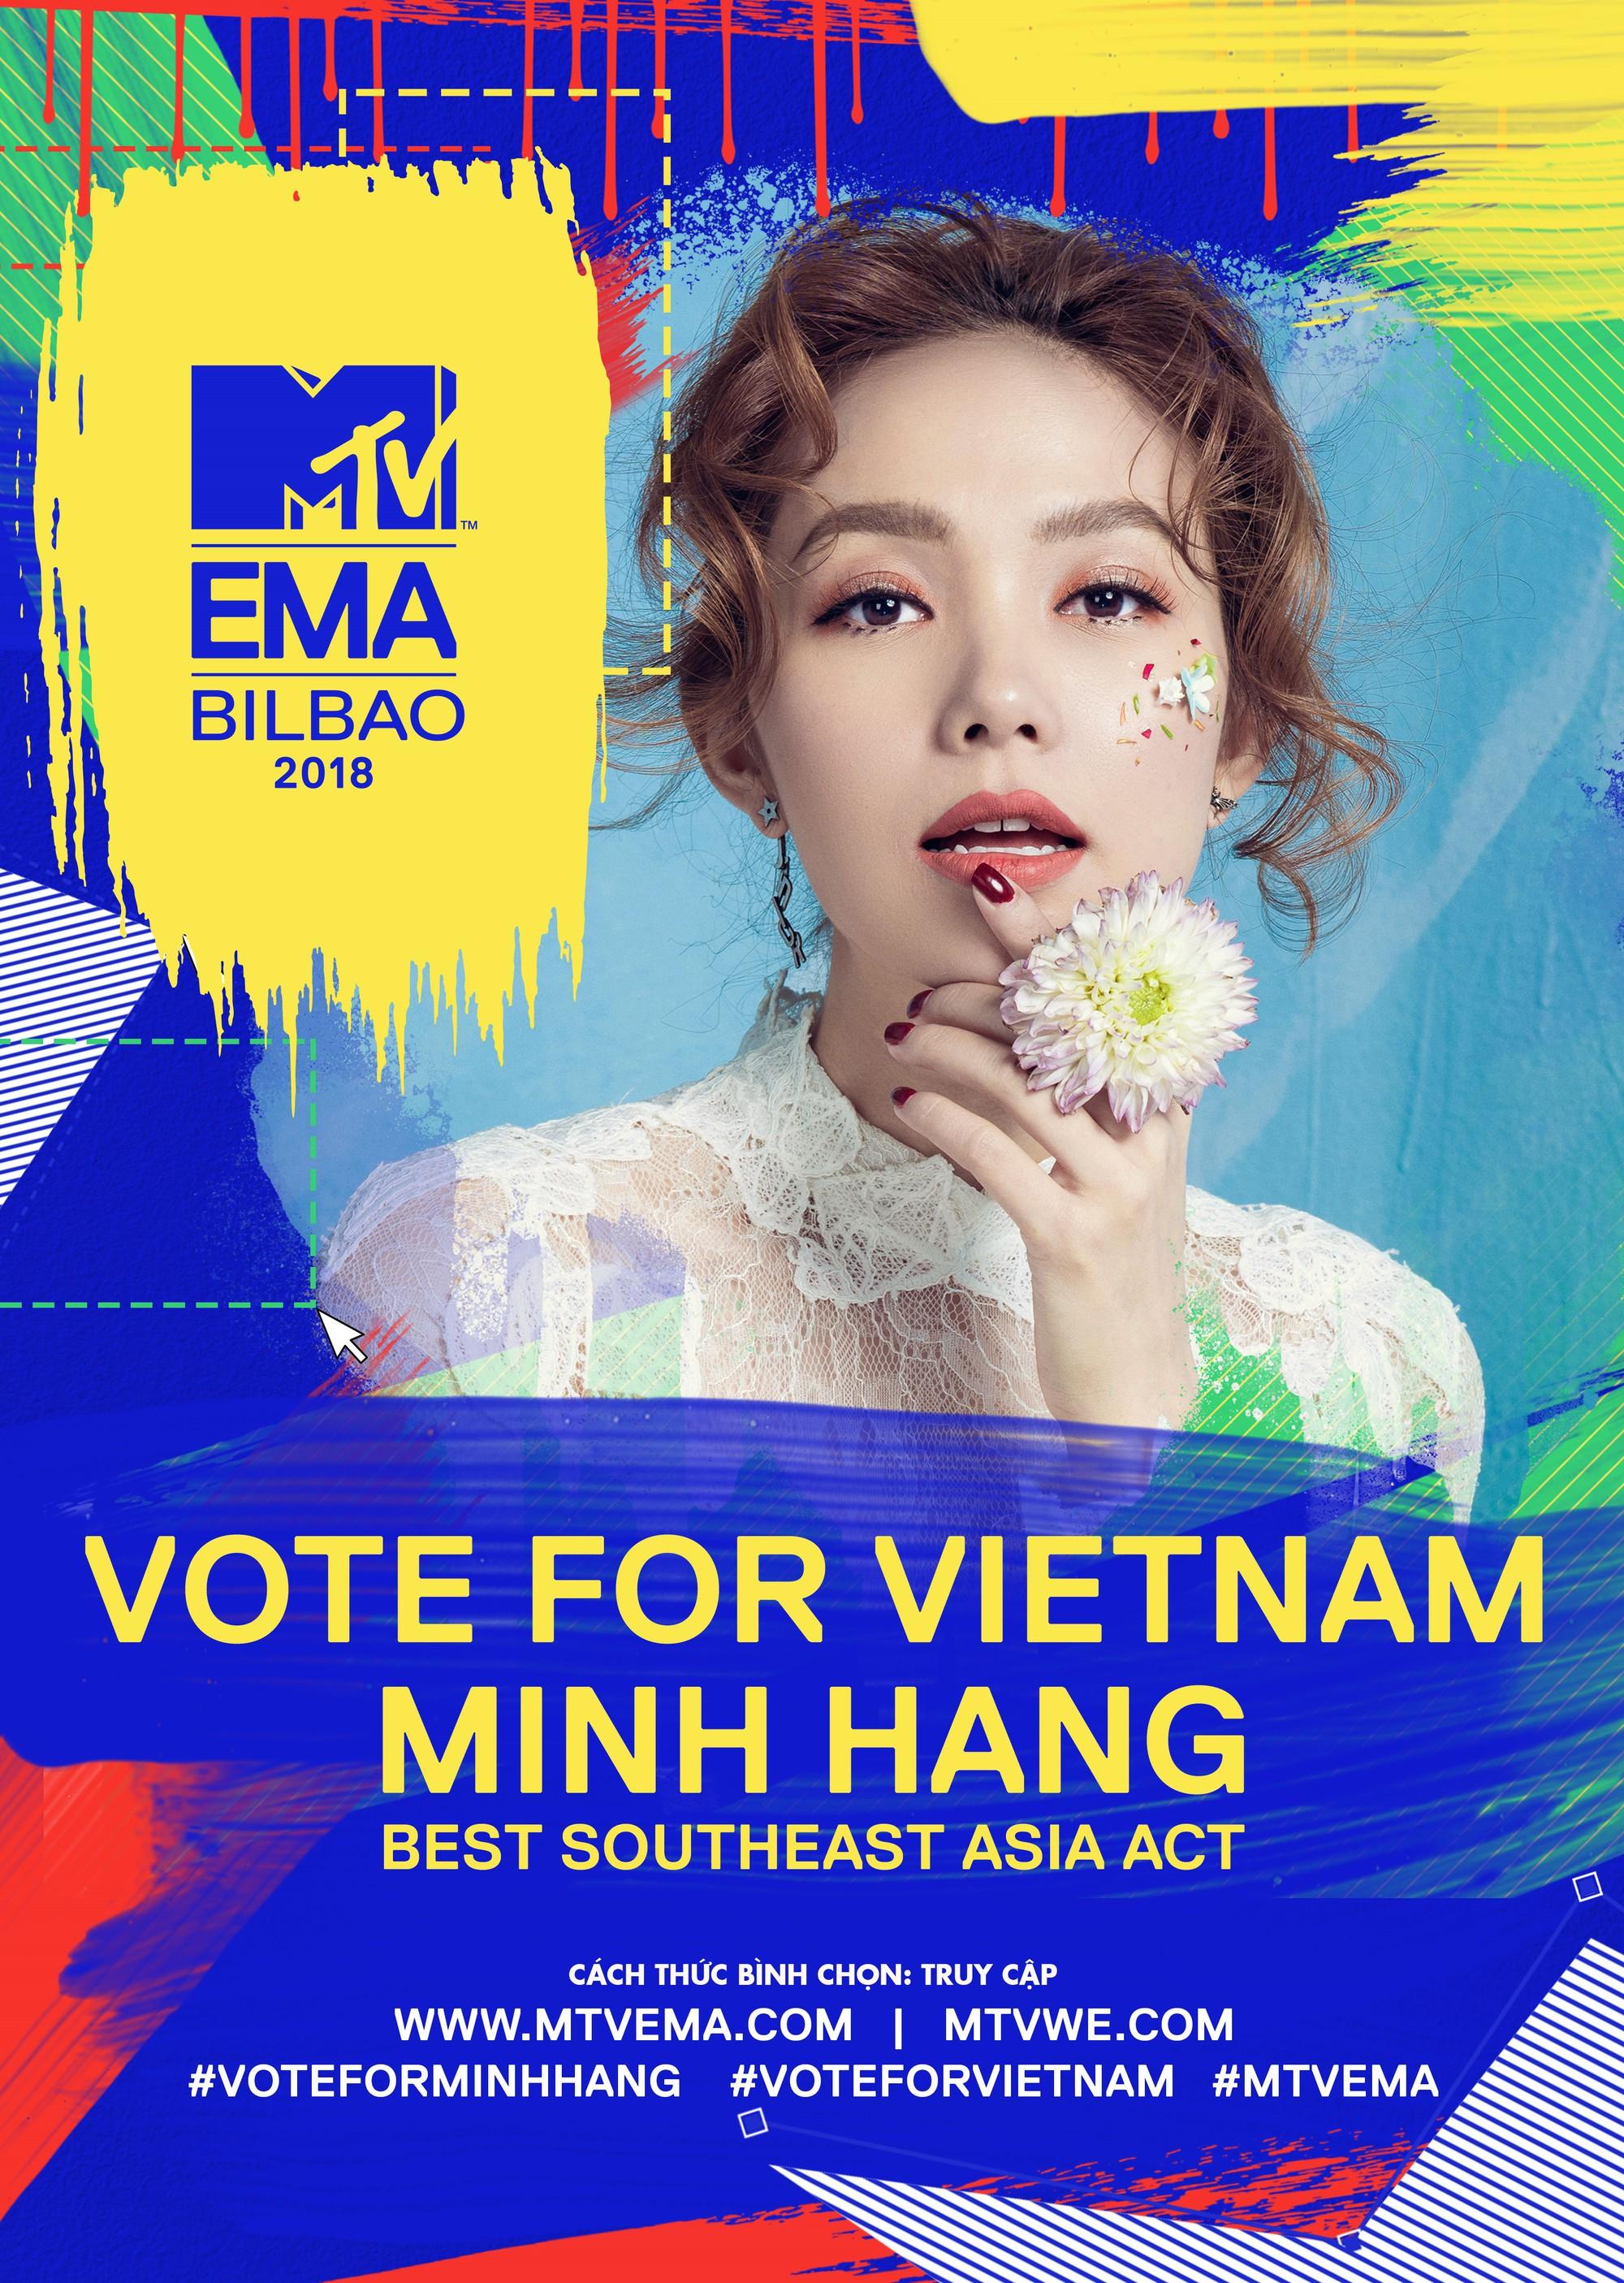 Minh Hằng đại diện Việt Nam tham dự MTV EMA 2018: Chuyện gì đang xảy ra? Những cái tên đình đám Vpop đâu rồi? - Ảnh 1.